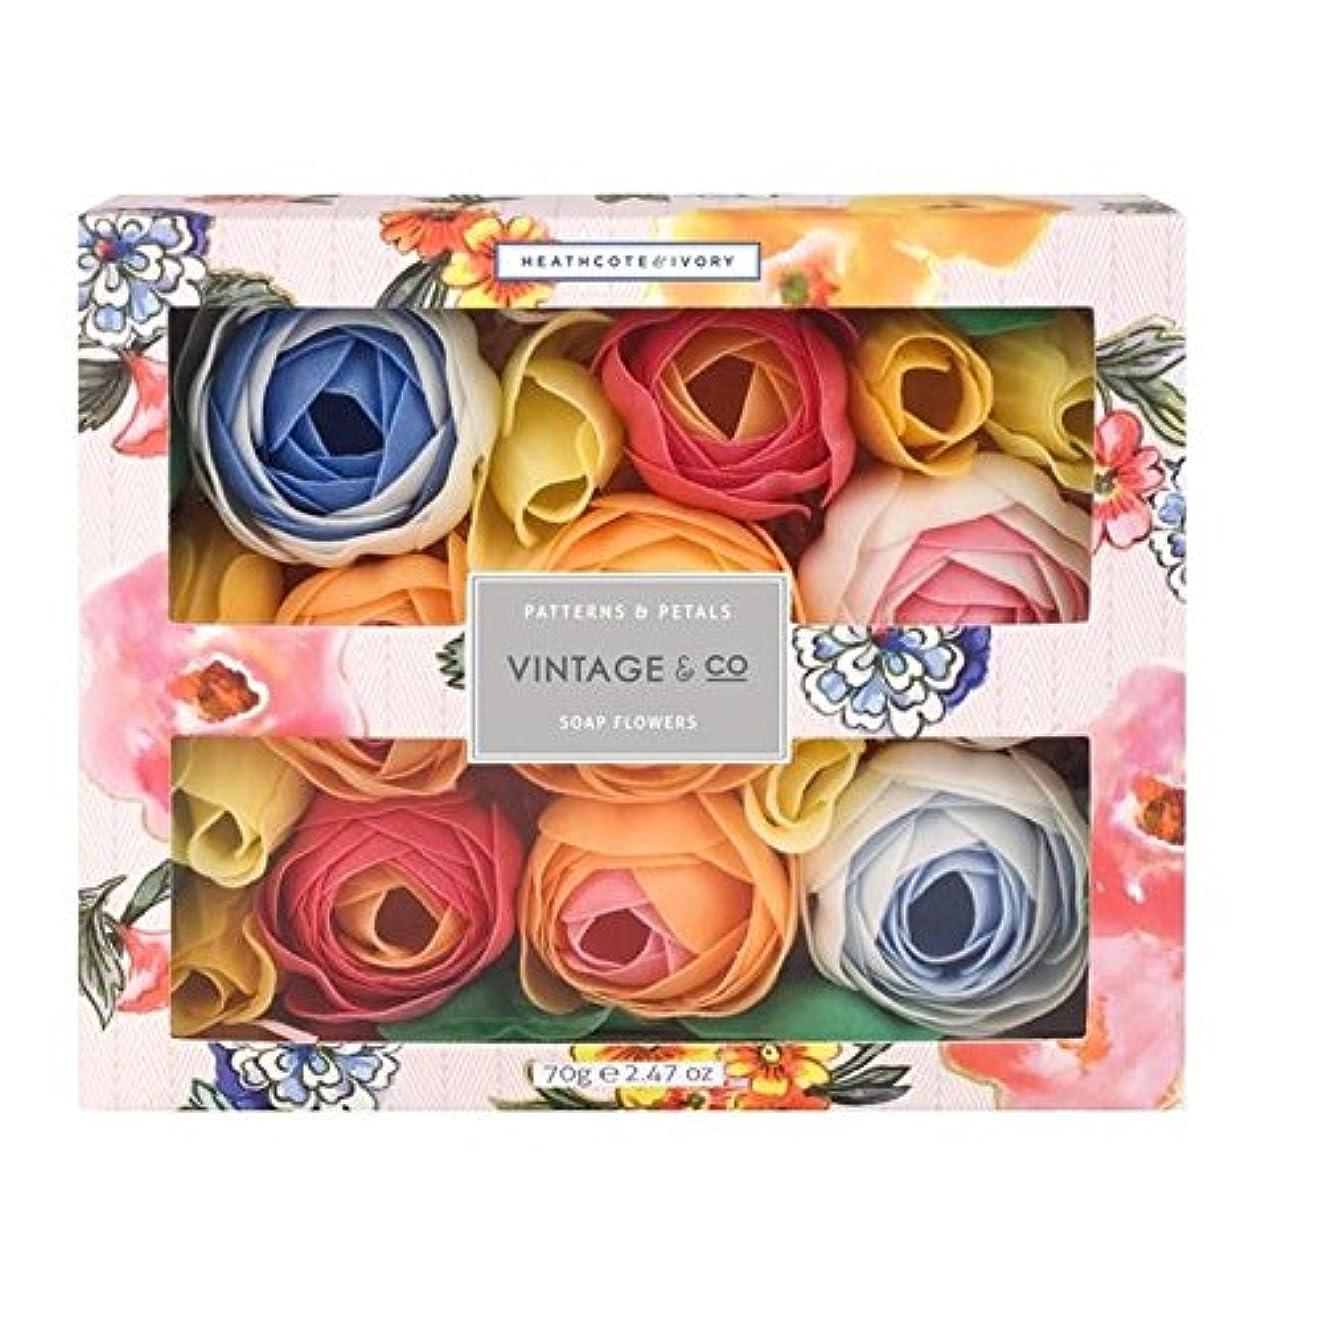 人差し指オフのみHeathcote & Ivory Patterns & Petals Soap Flowers 70g (Pack of 6) - ヒースコート&アイボリーパターン&花びら石鹸の花70グラム x6 [並行輸入品]